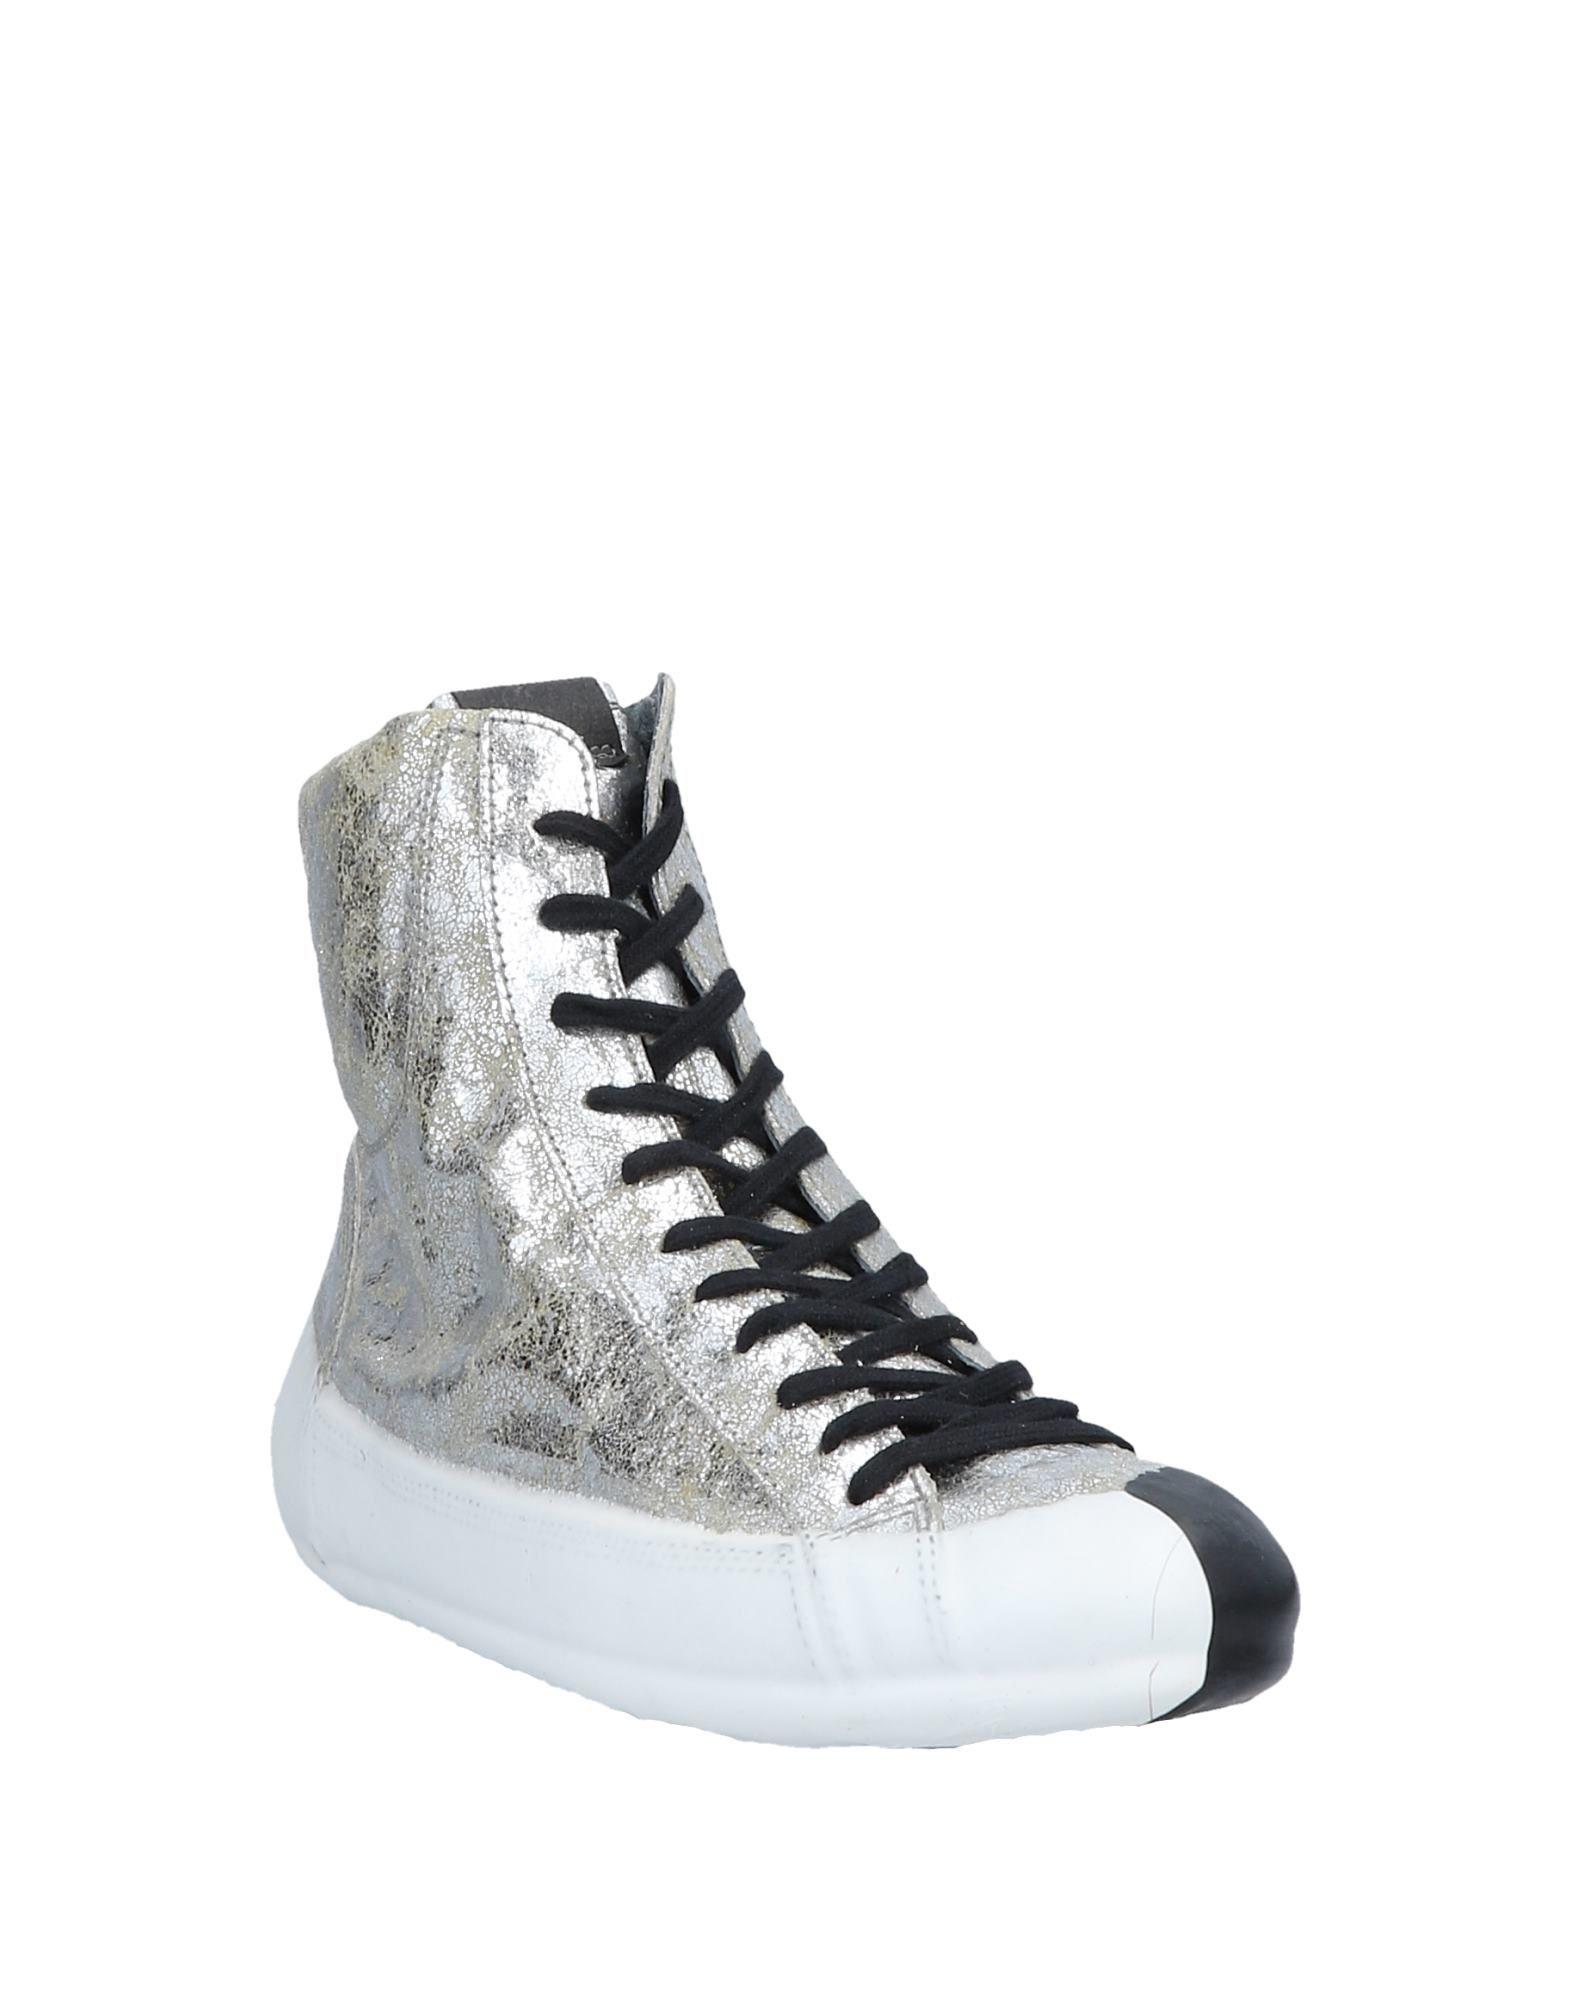 Rubber Soul Sneakers Qualität Herren  11573739SV Gute Qualität Sneakers beliebte Schuhe 27a4e9